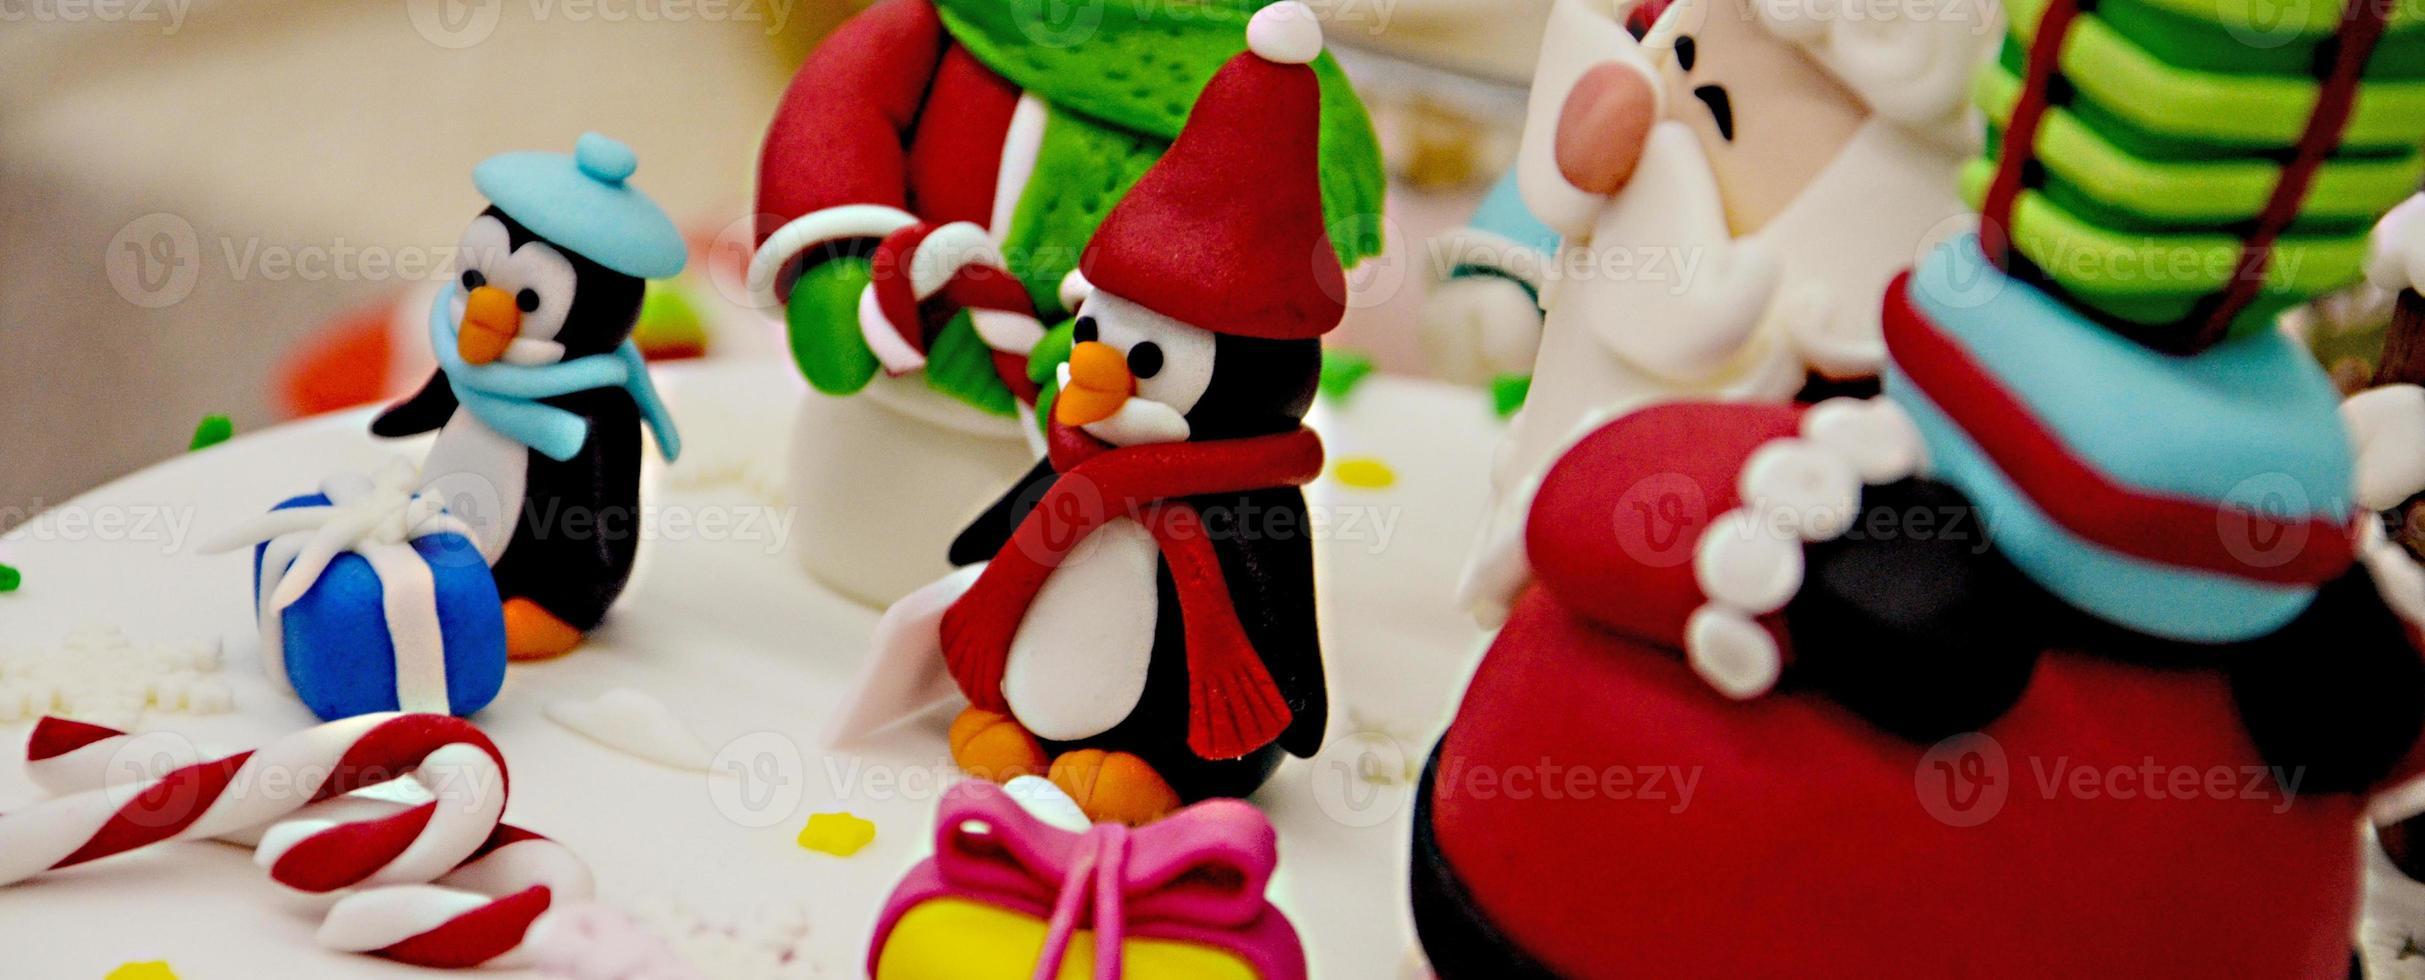 Torta di Natale e Capodanno foto